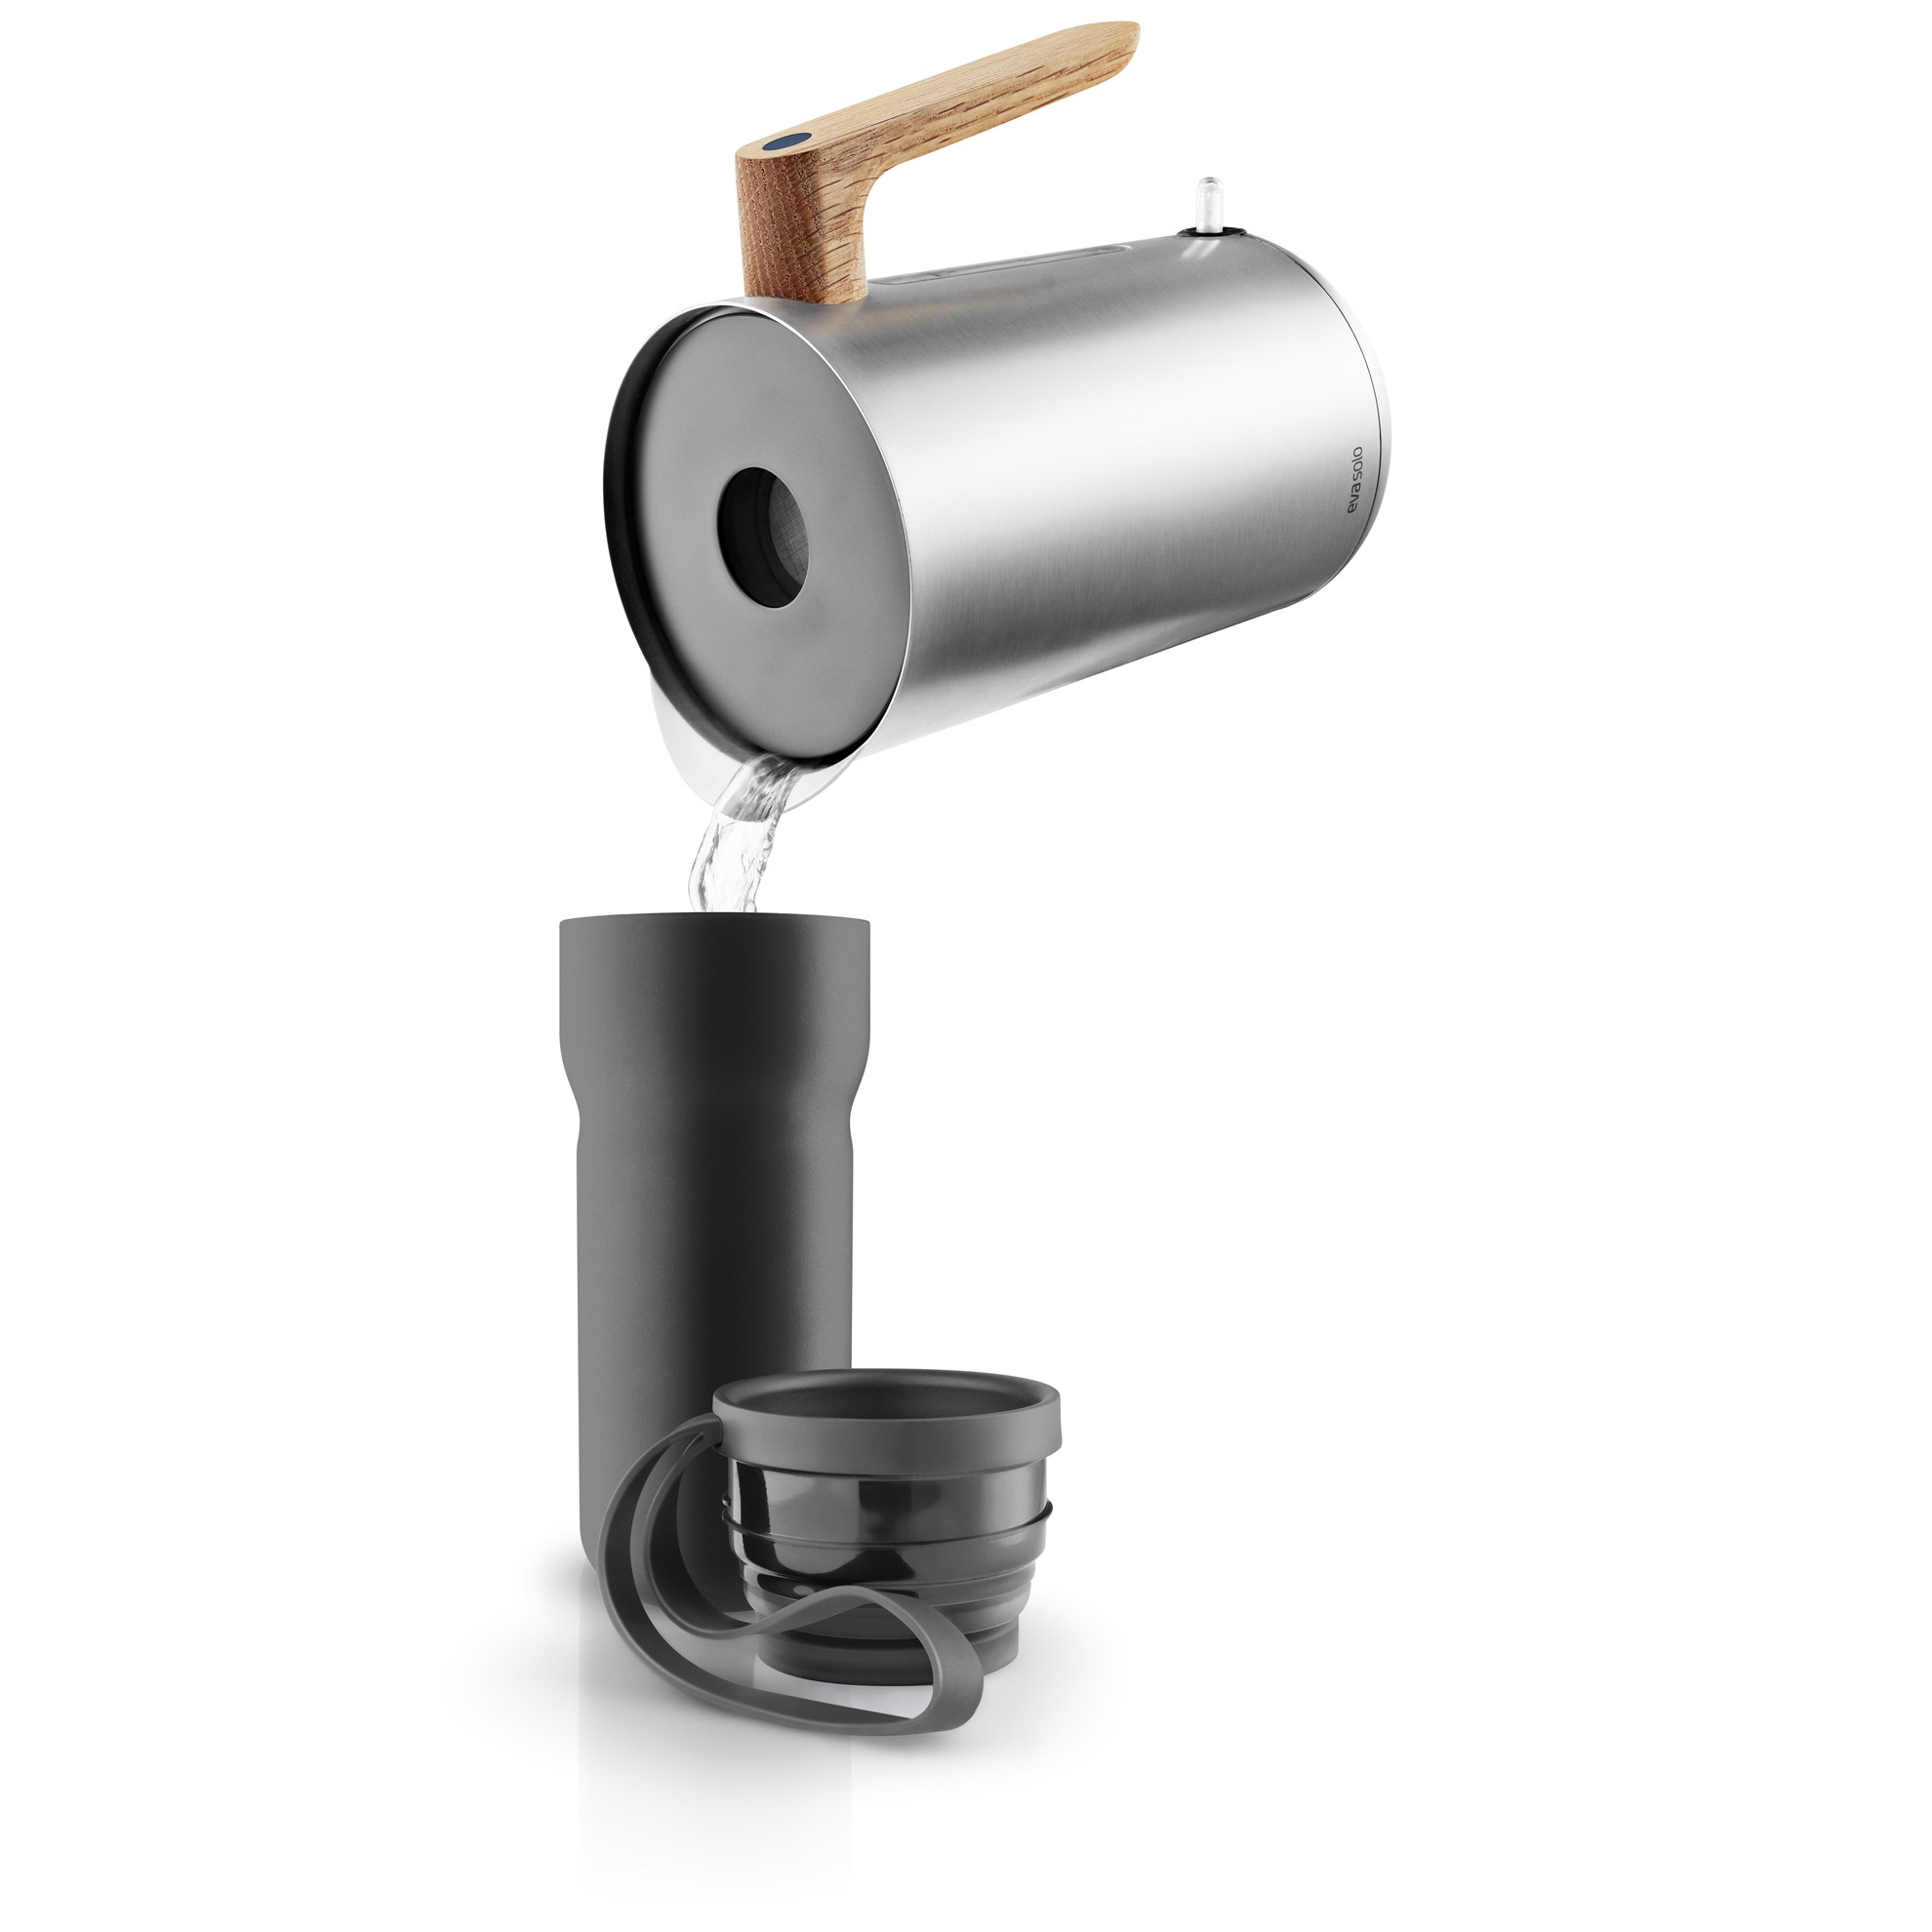 Termohrnek s filtrem 0,35l Nordic Kitche_1